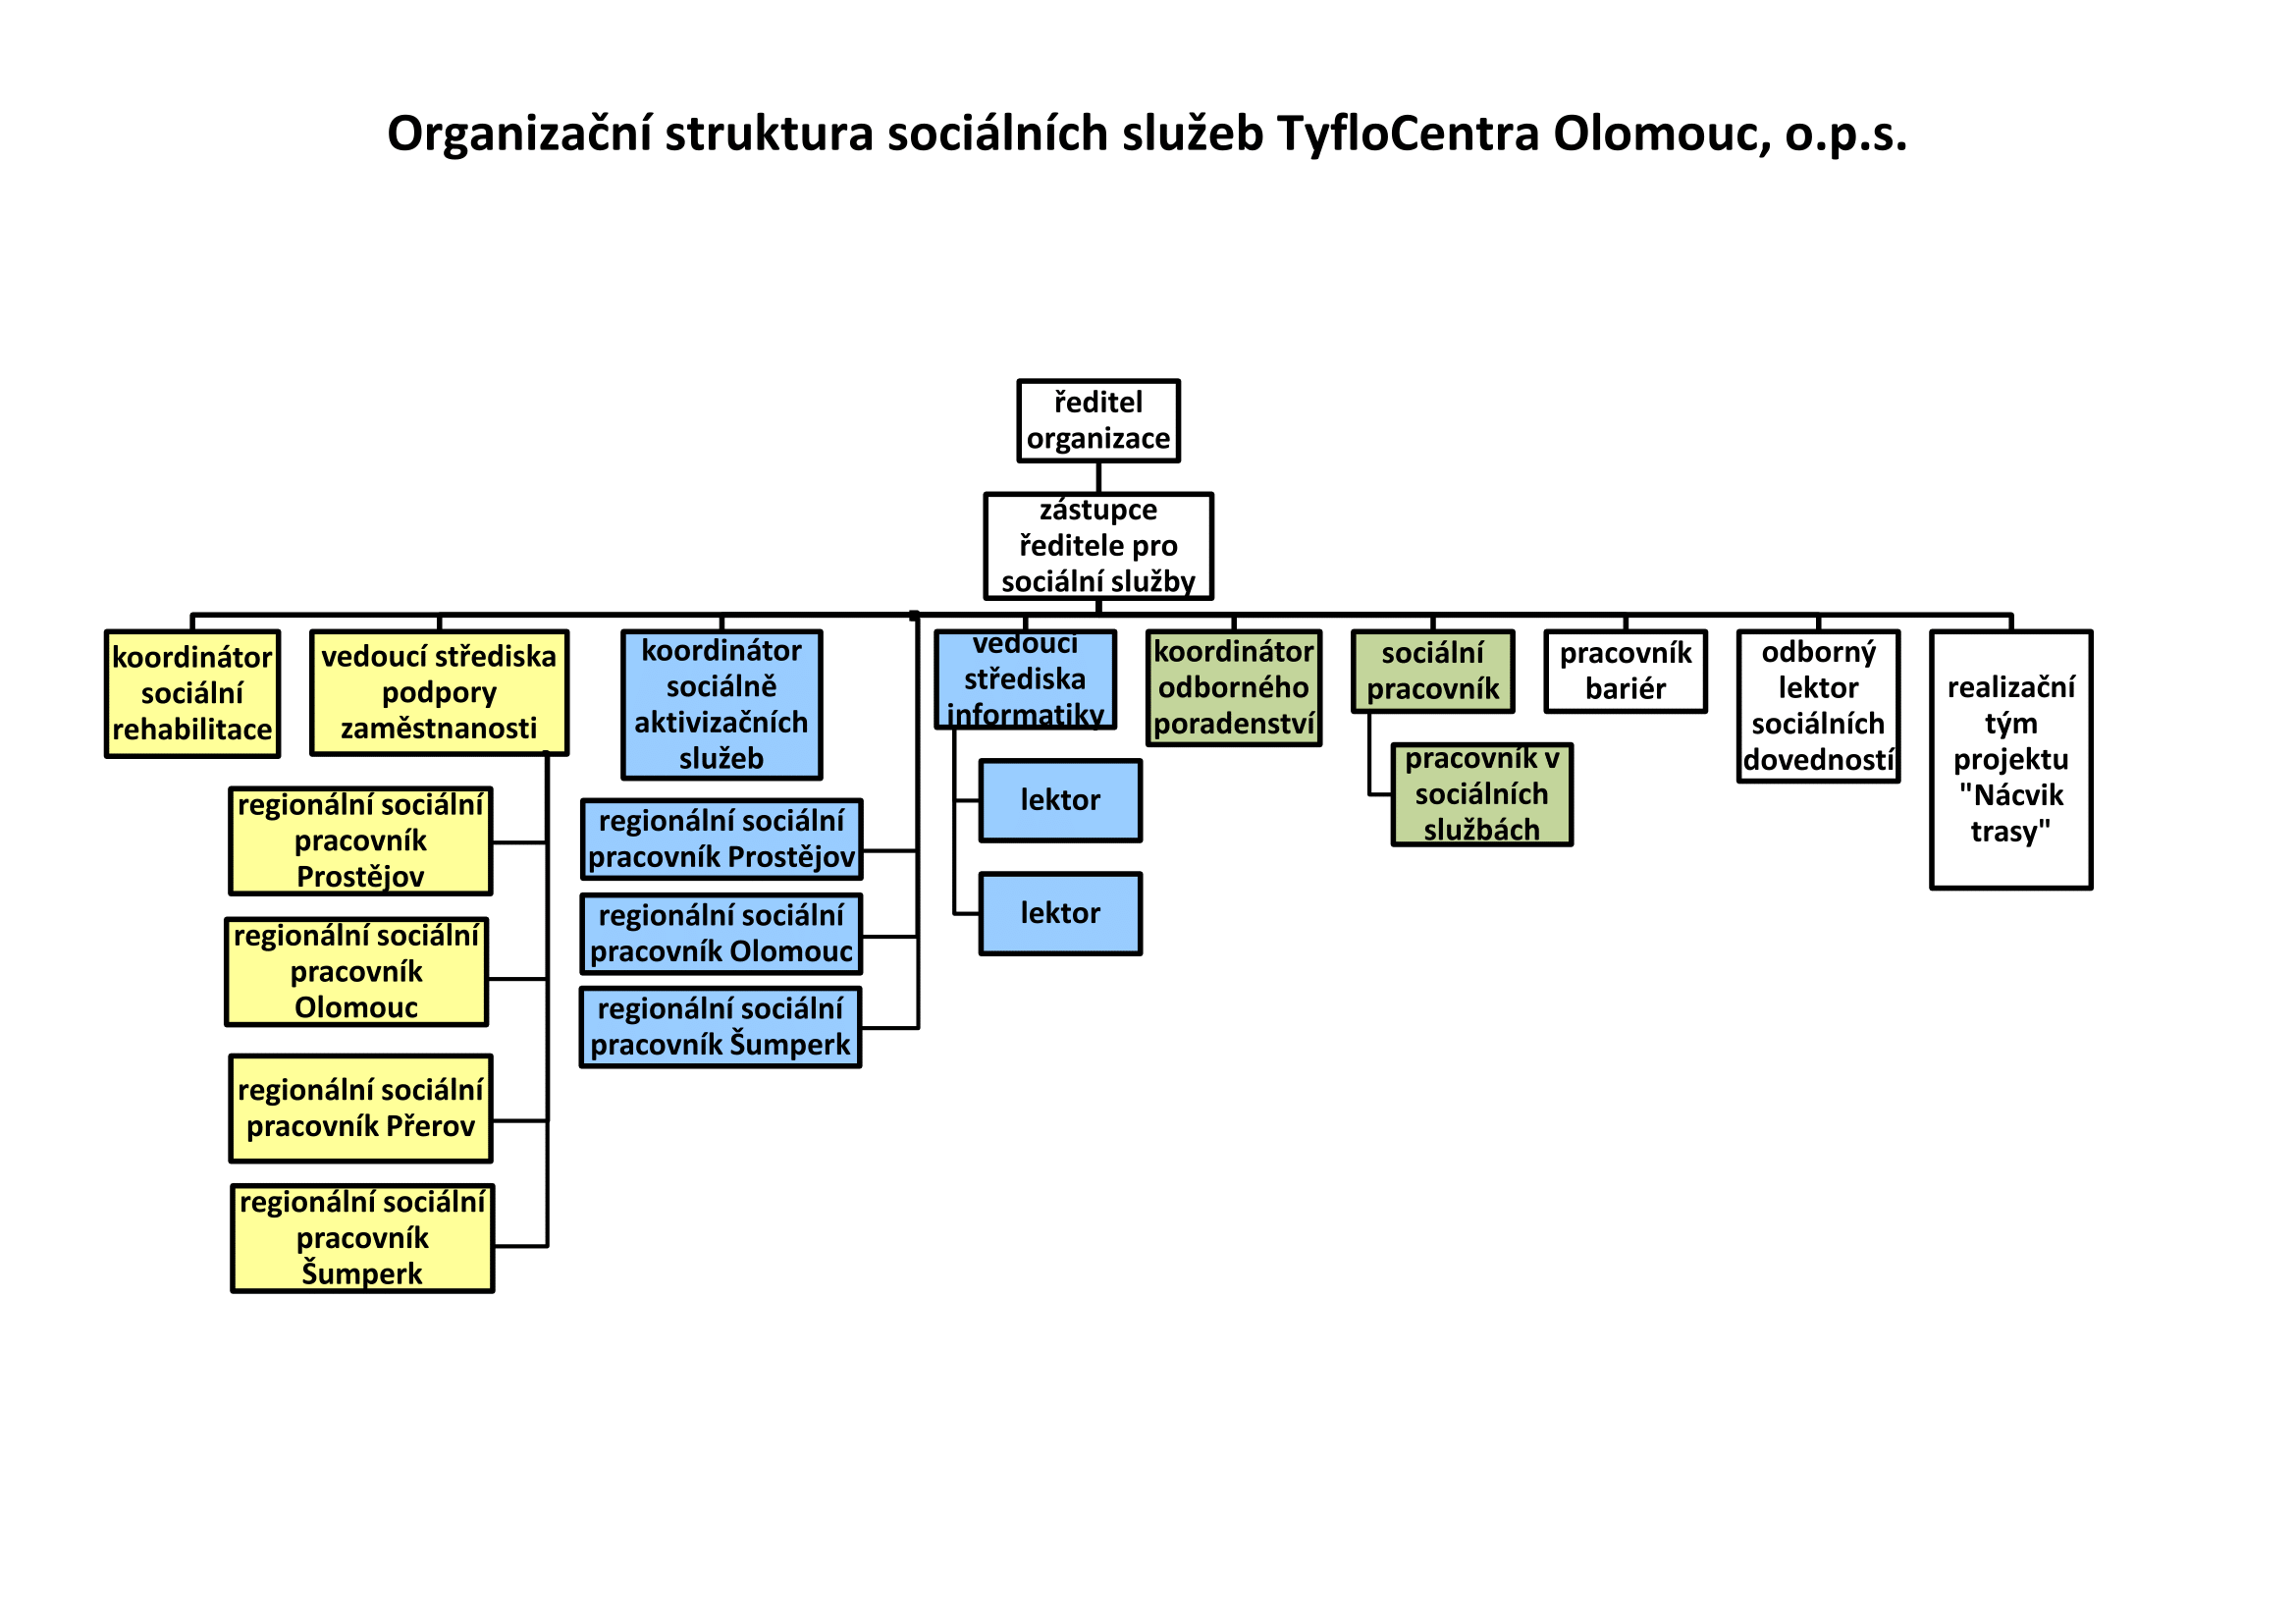 Organizační struktura sociální firmy Ergones - Tyflocentrum Olomouc, o.p.s.